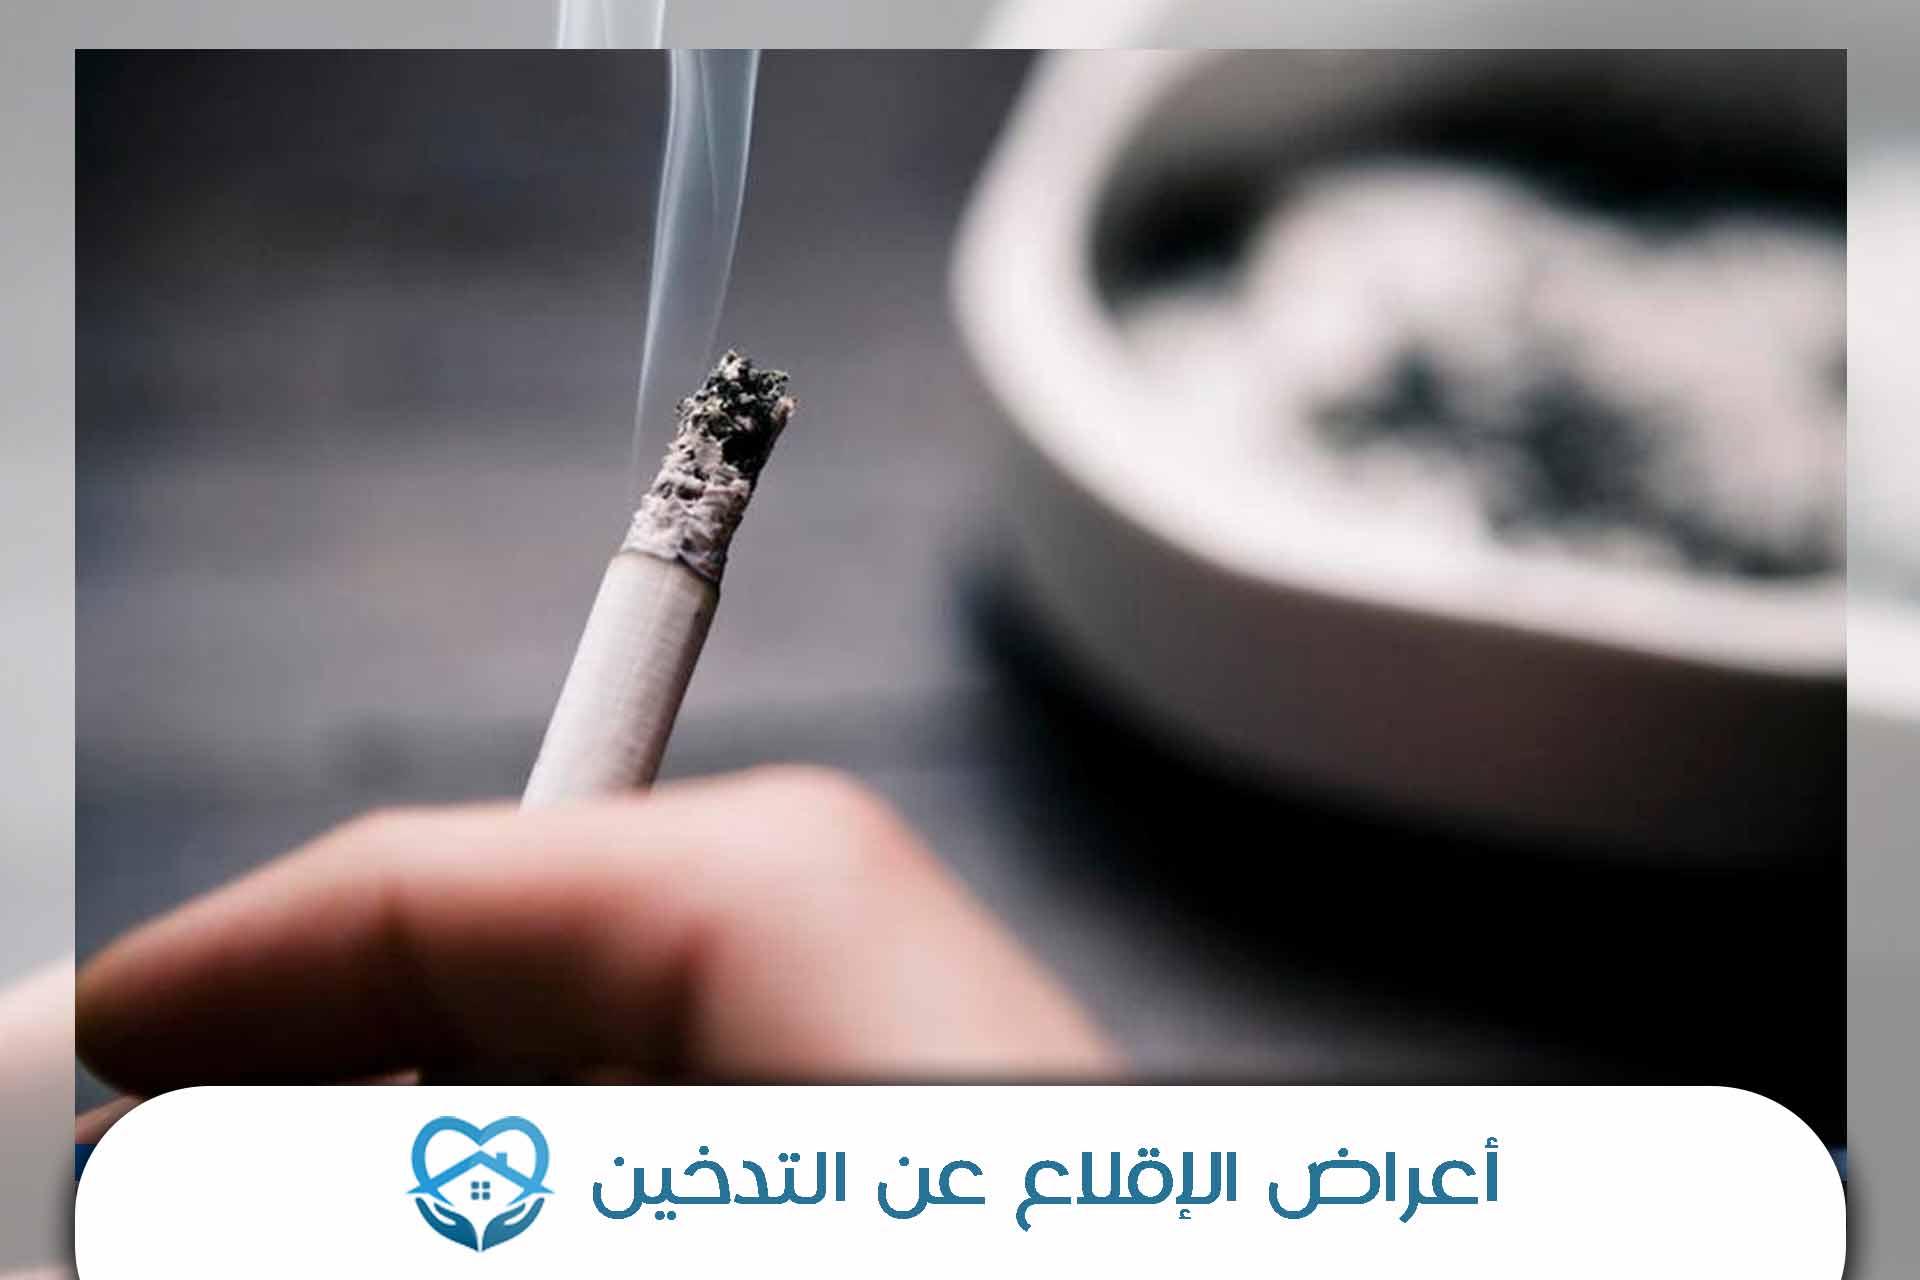 أعراض الإقلاع عن التدخين